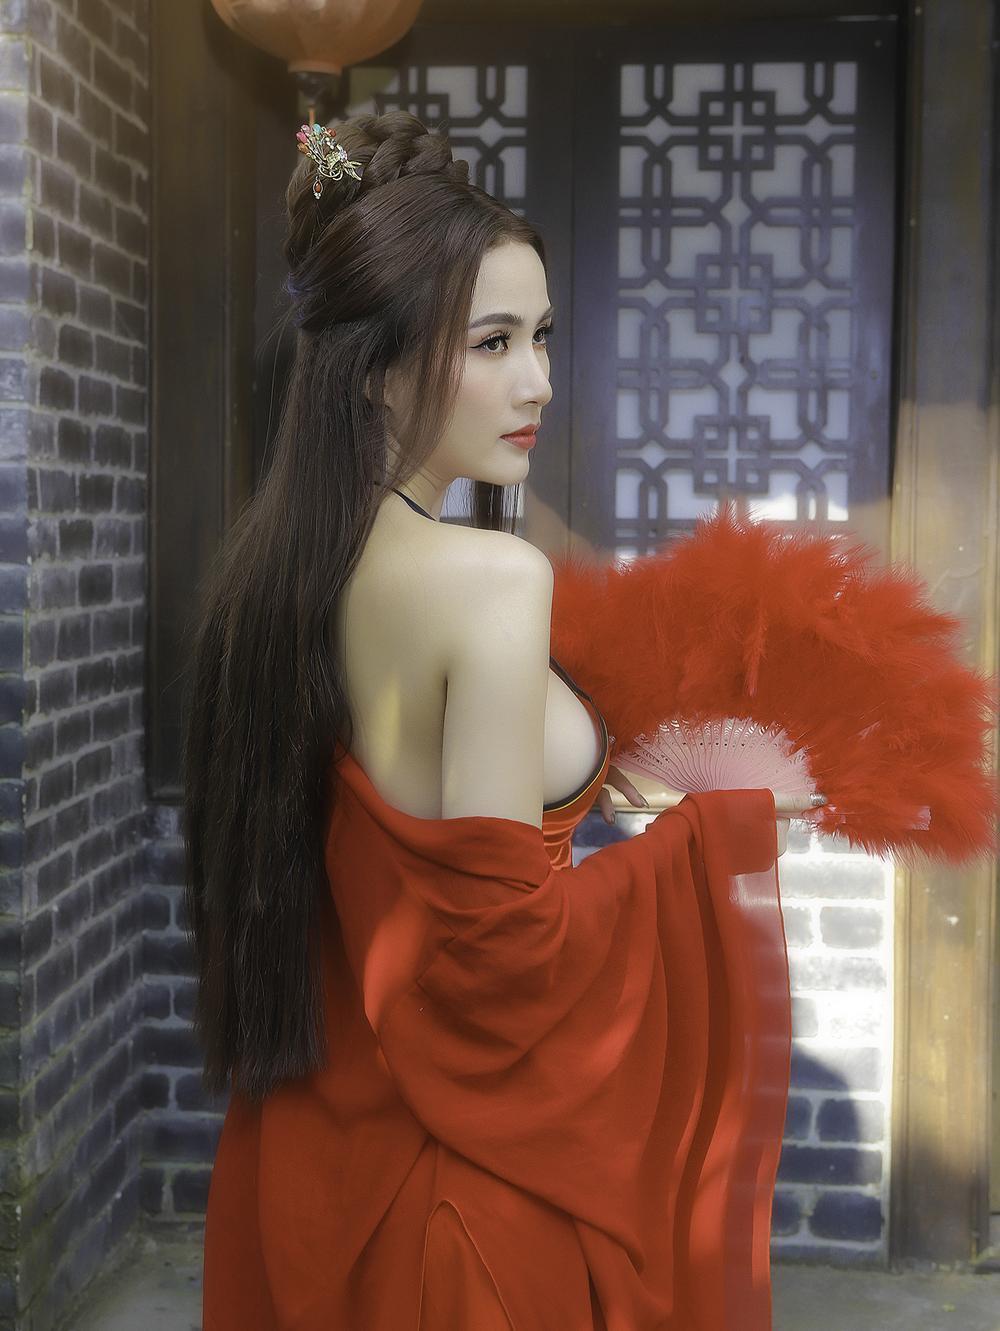 Phan Thị Mơ hóa tiên nữ, hững hờ thềm ngực quyến rũ mê hồn Ảnh 8